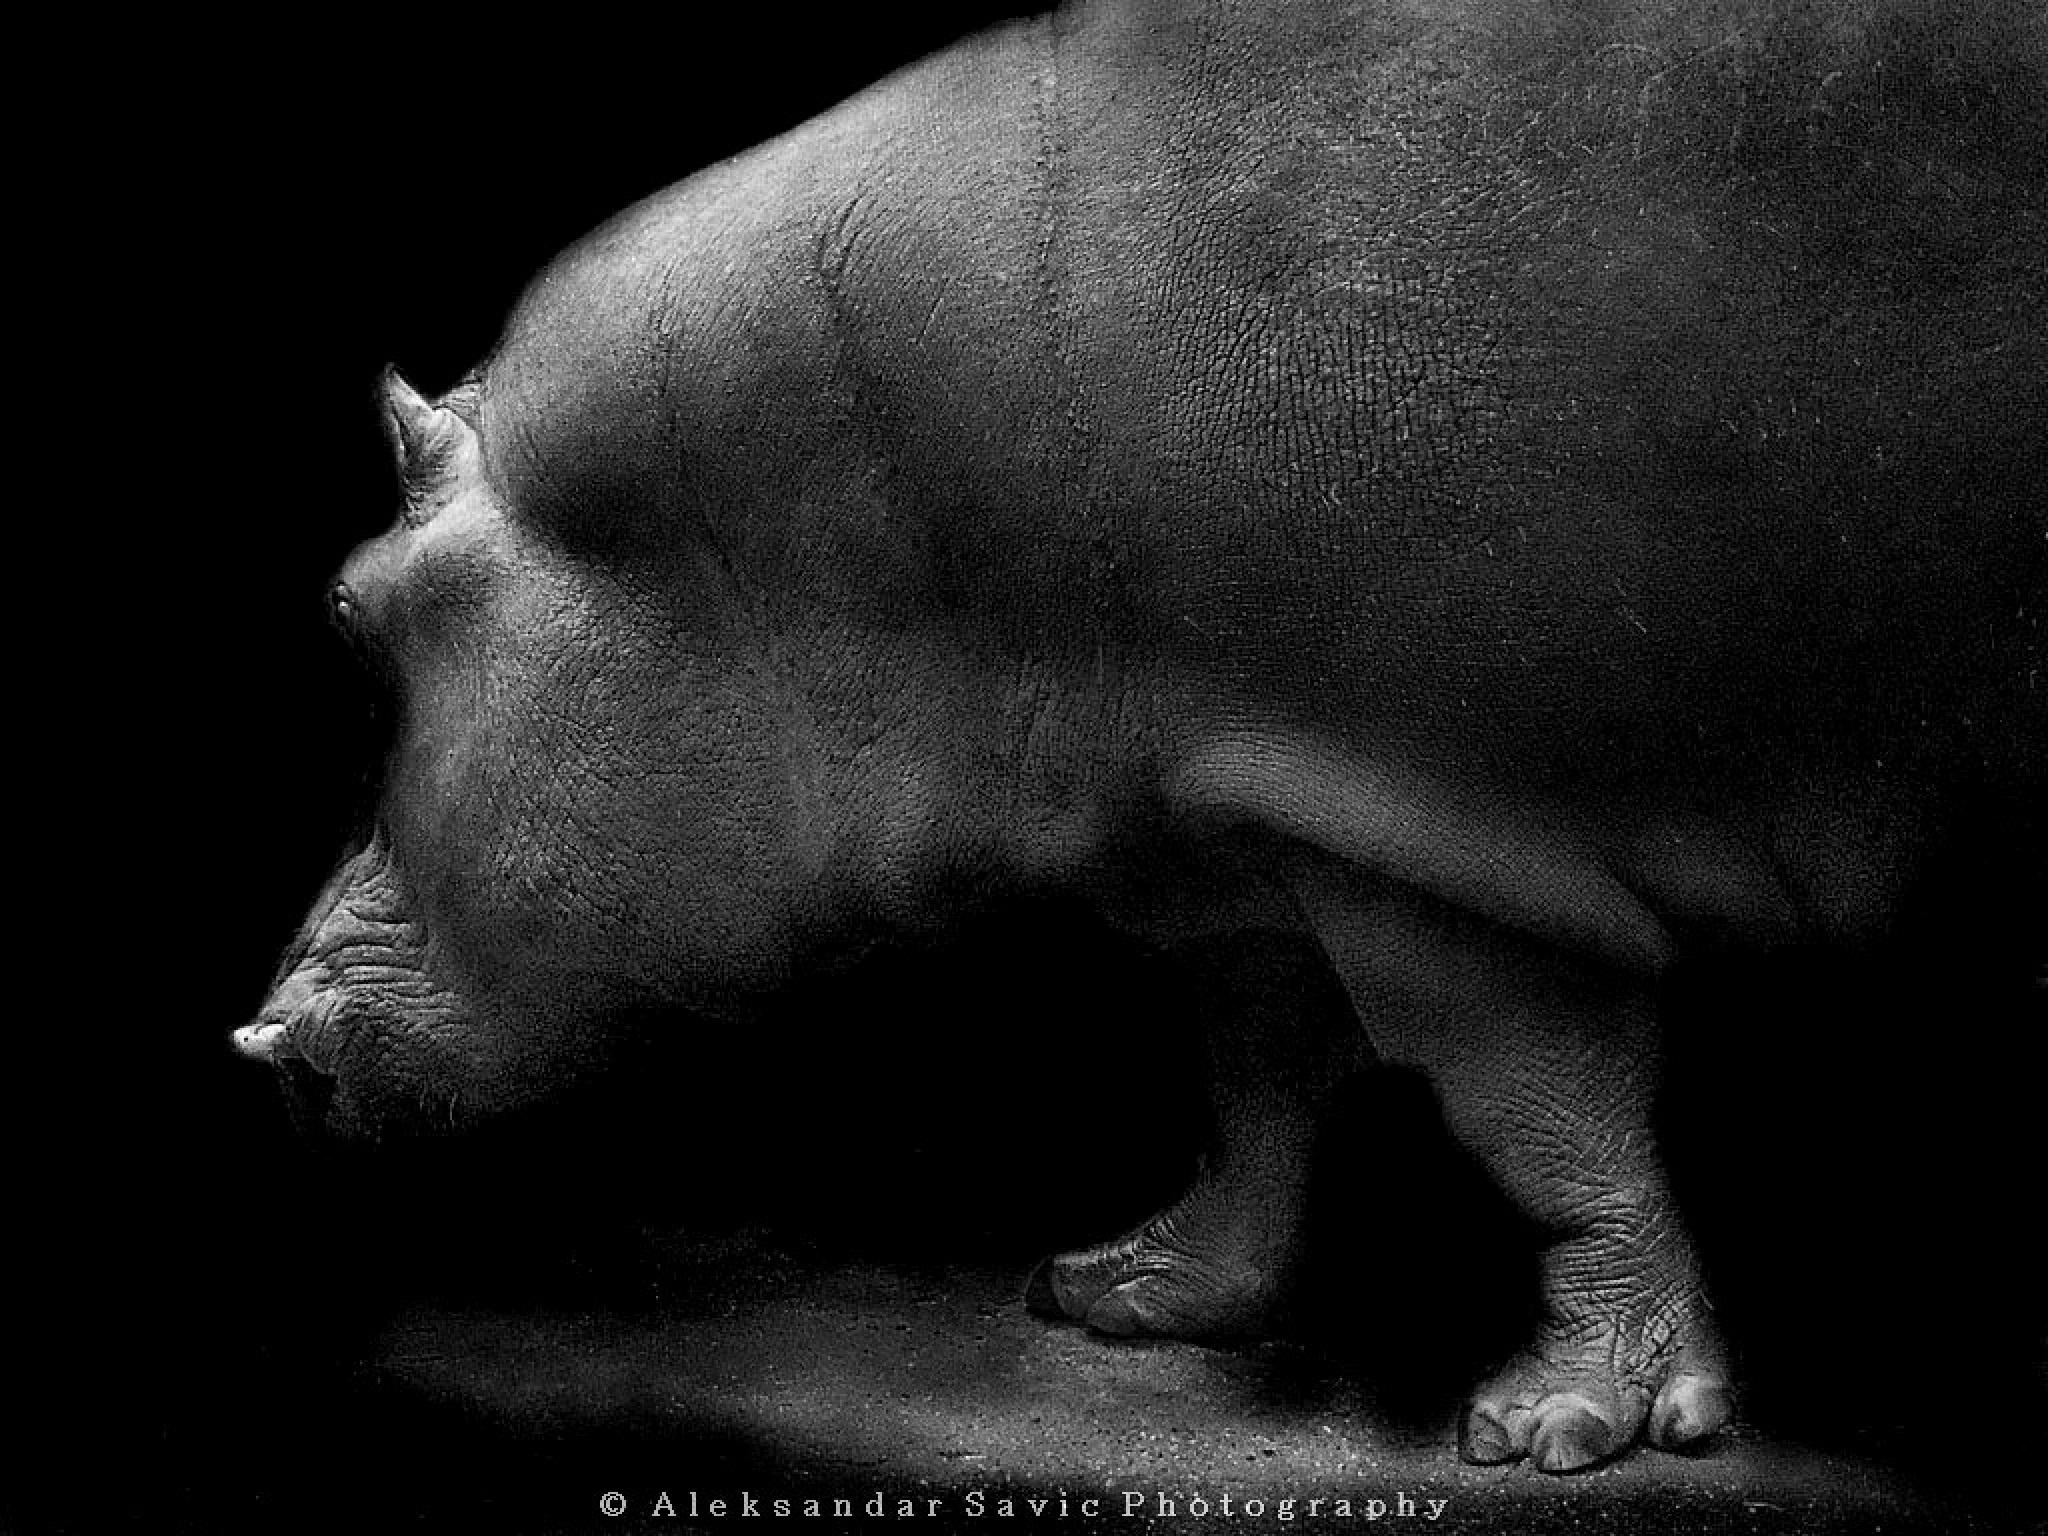 Hippo by Aleksandar Savic